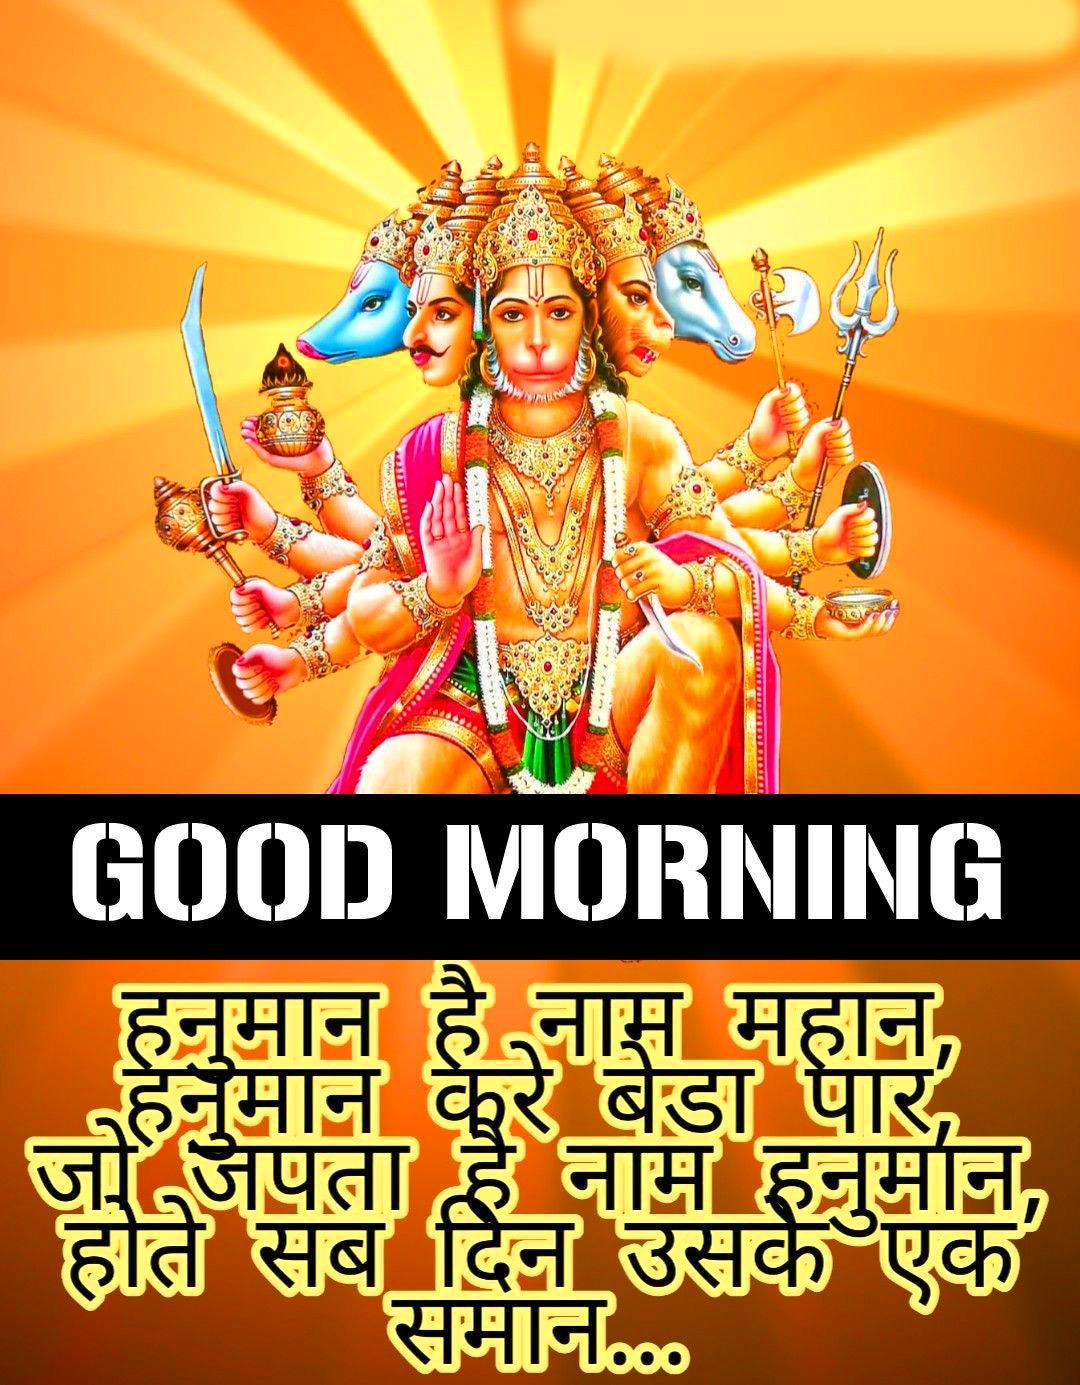 God Hanuan Ji Good Morning Wallpaper